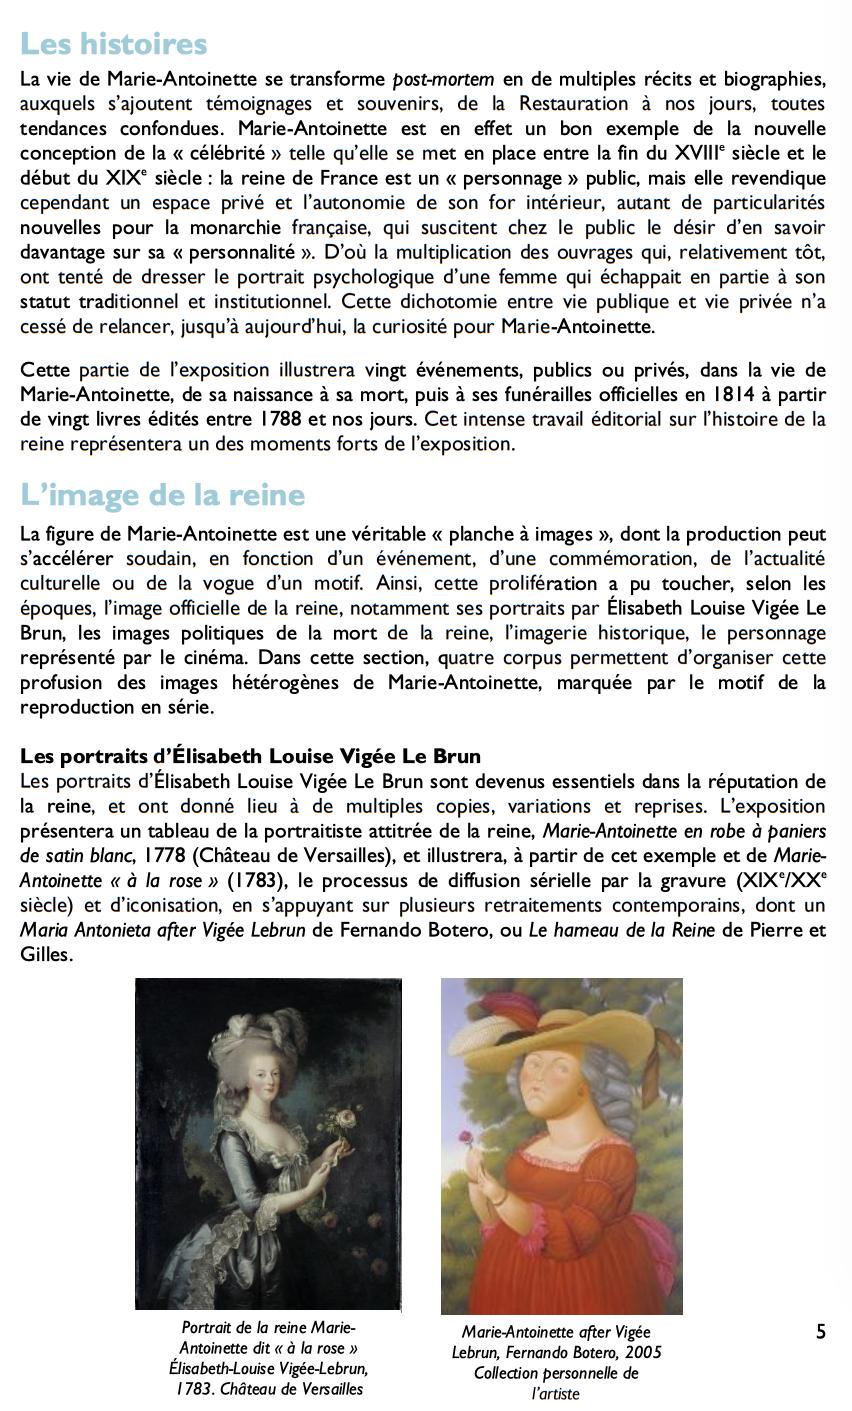 Exposition à la Conciergerie : Marie-Antoinette, métamorphoses d'une image  223